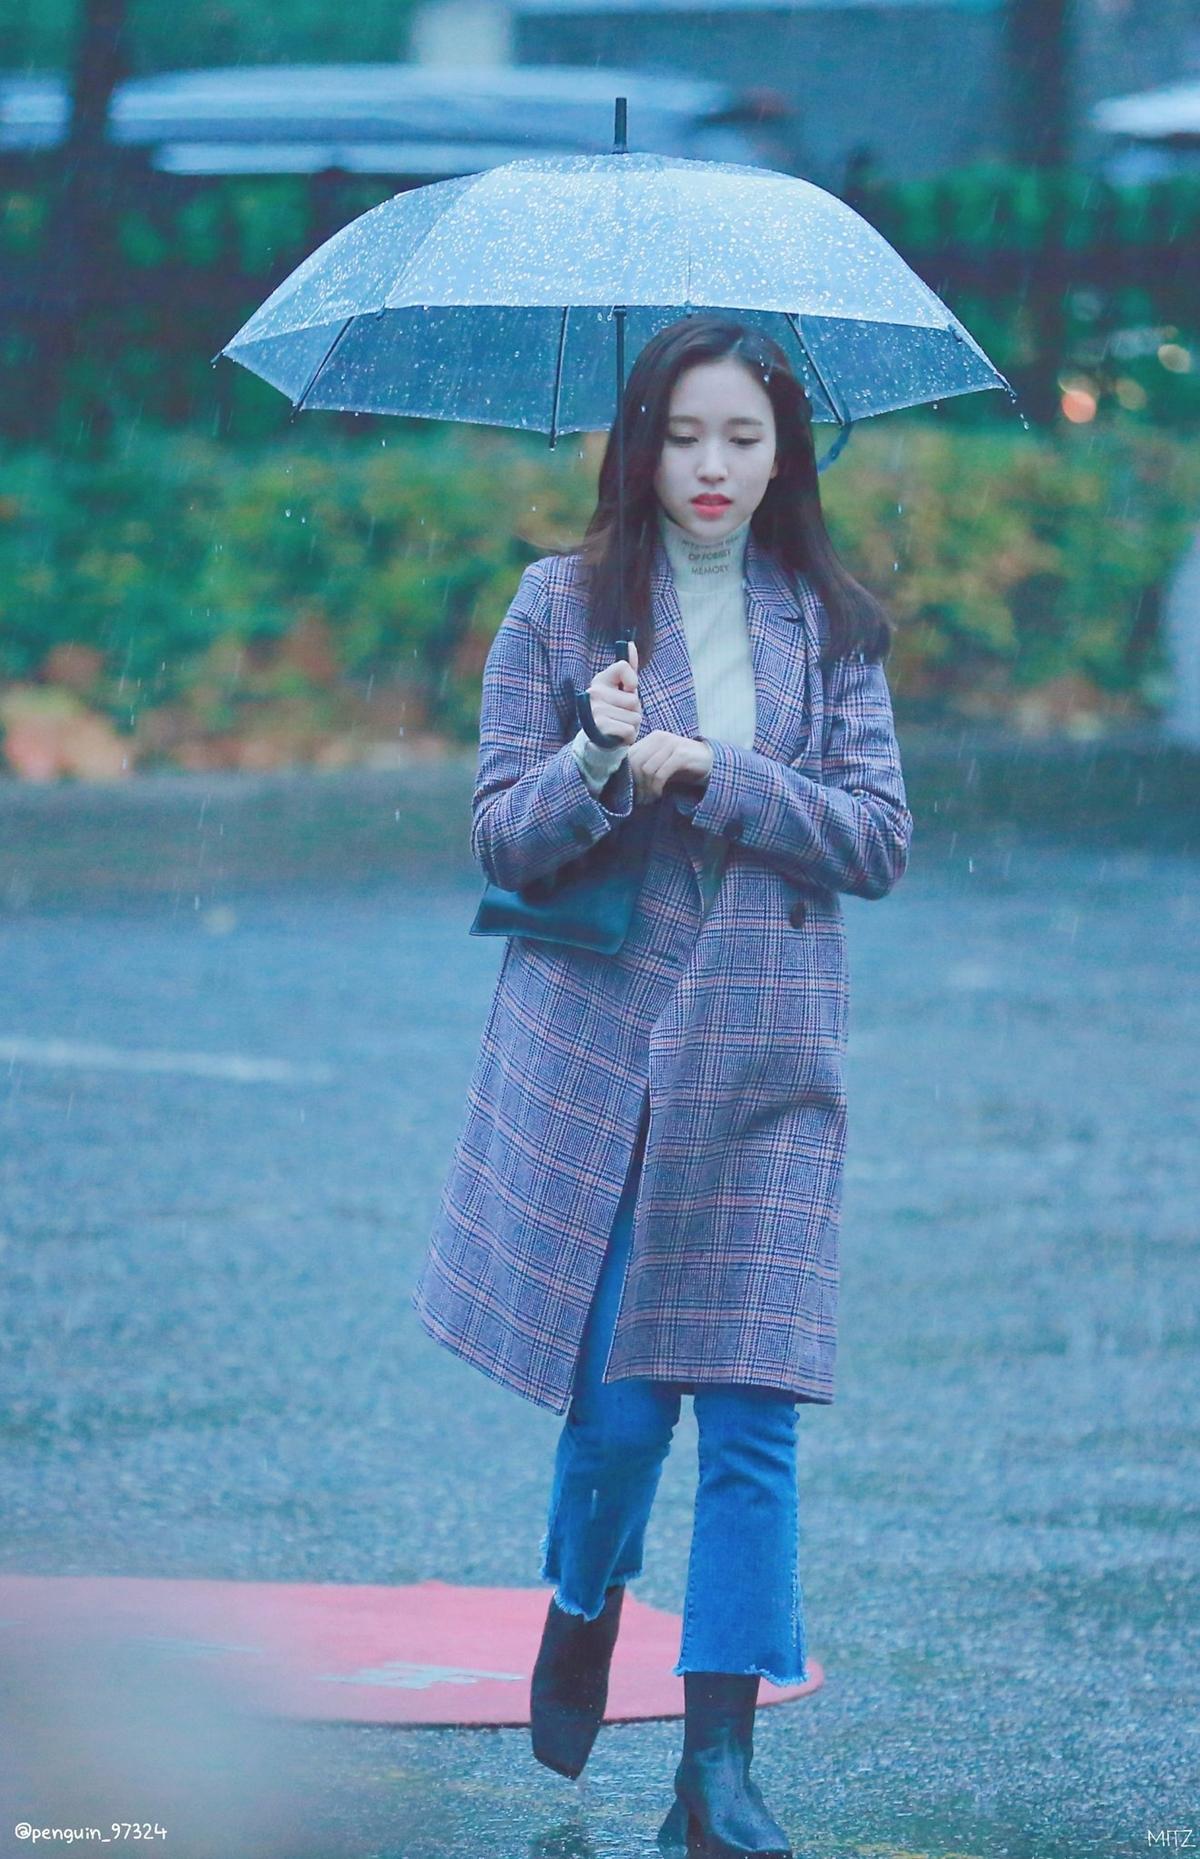 Những bức ảnh chất lượng cao huyền thoại của Mina (Twice) - 6